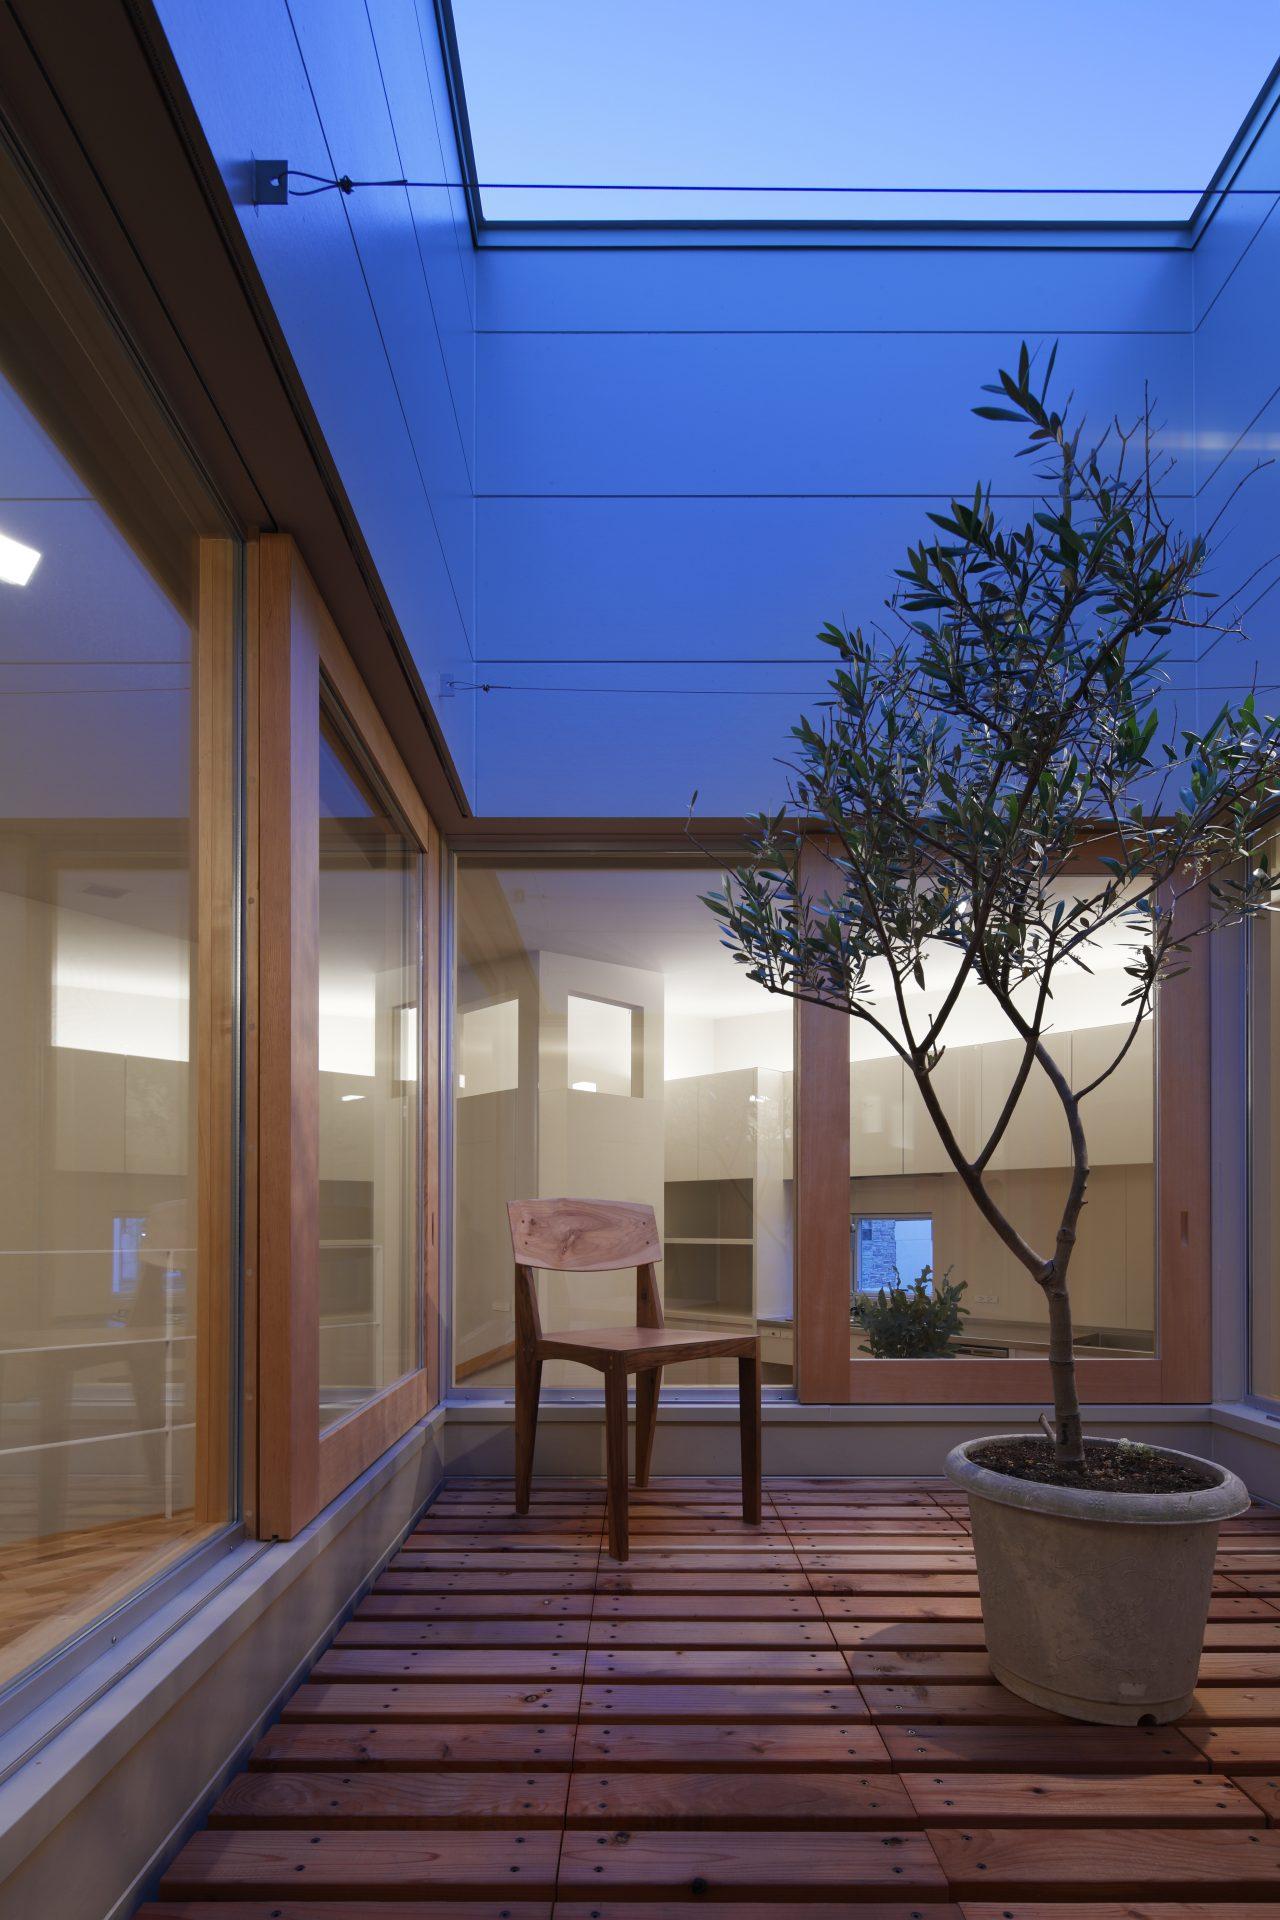 大阪長瀬のバイクガレージハウス|建築士の注文住宅の中庭(夜景)